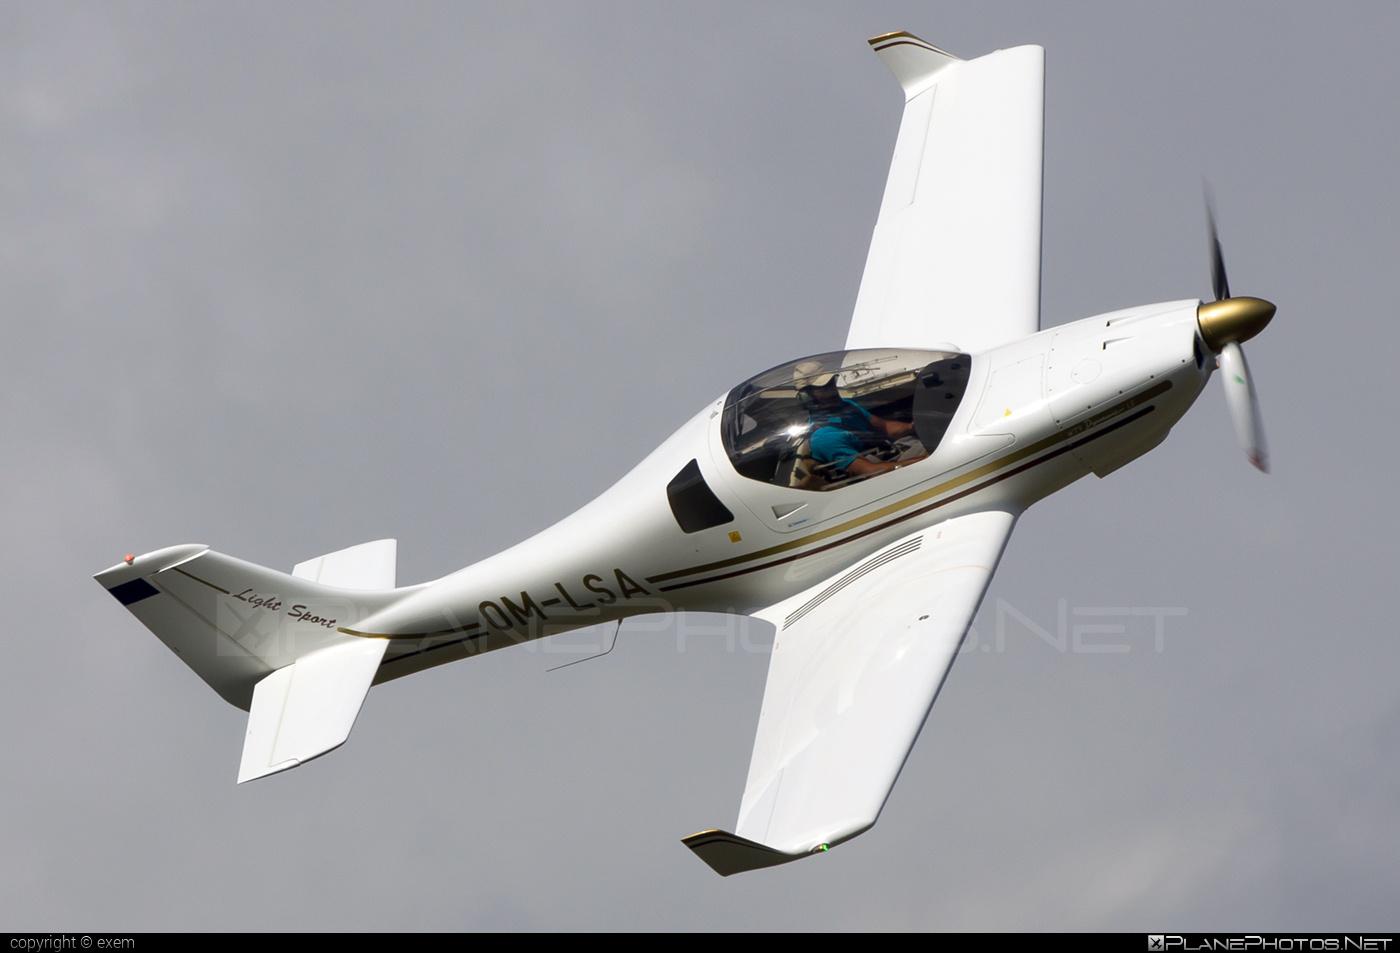 OM-LSA - Aerospool WT9 Dynamic LS operated by Aerospool ...